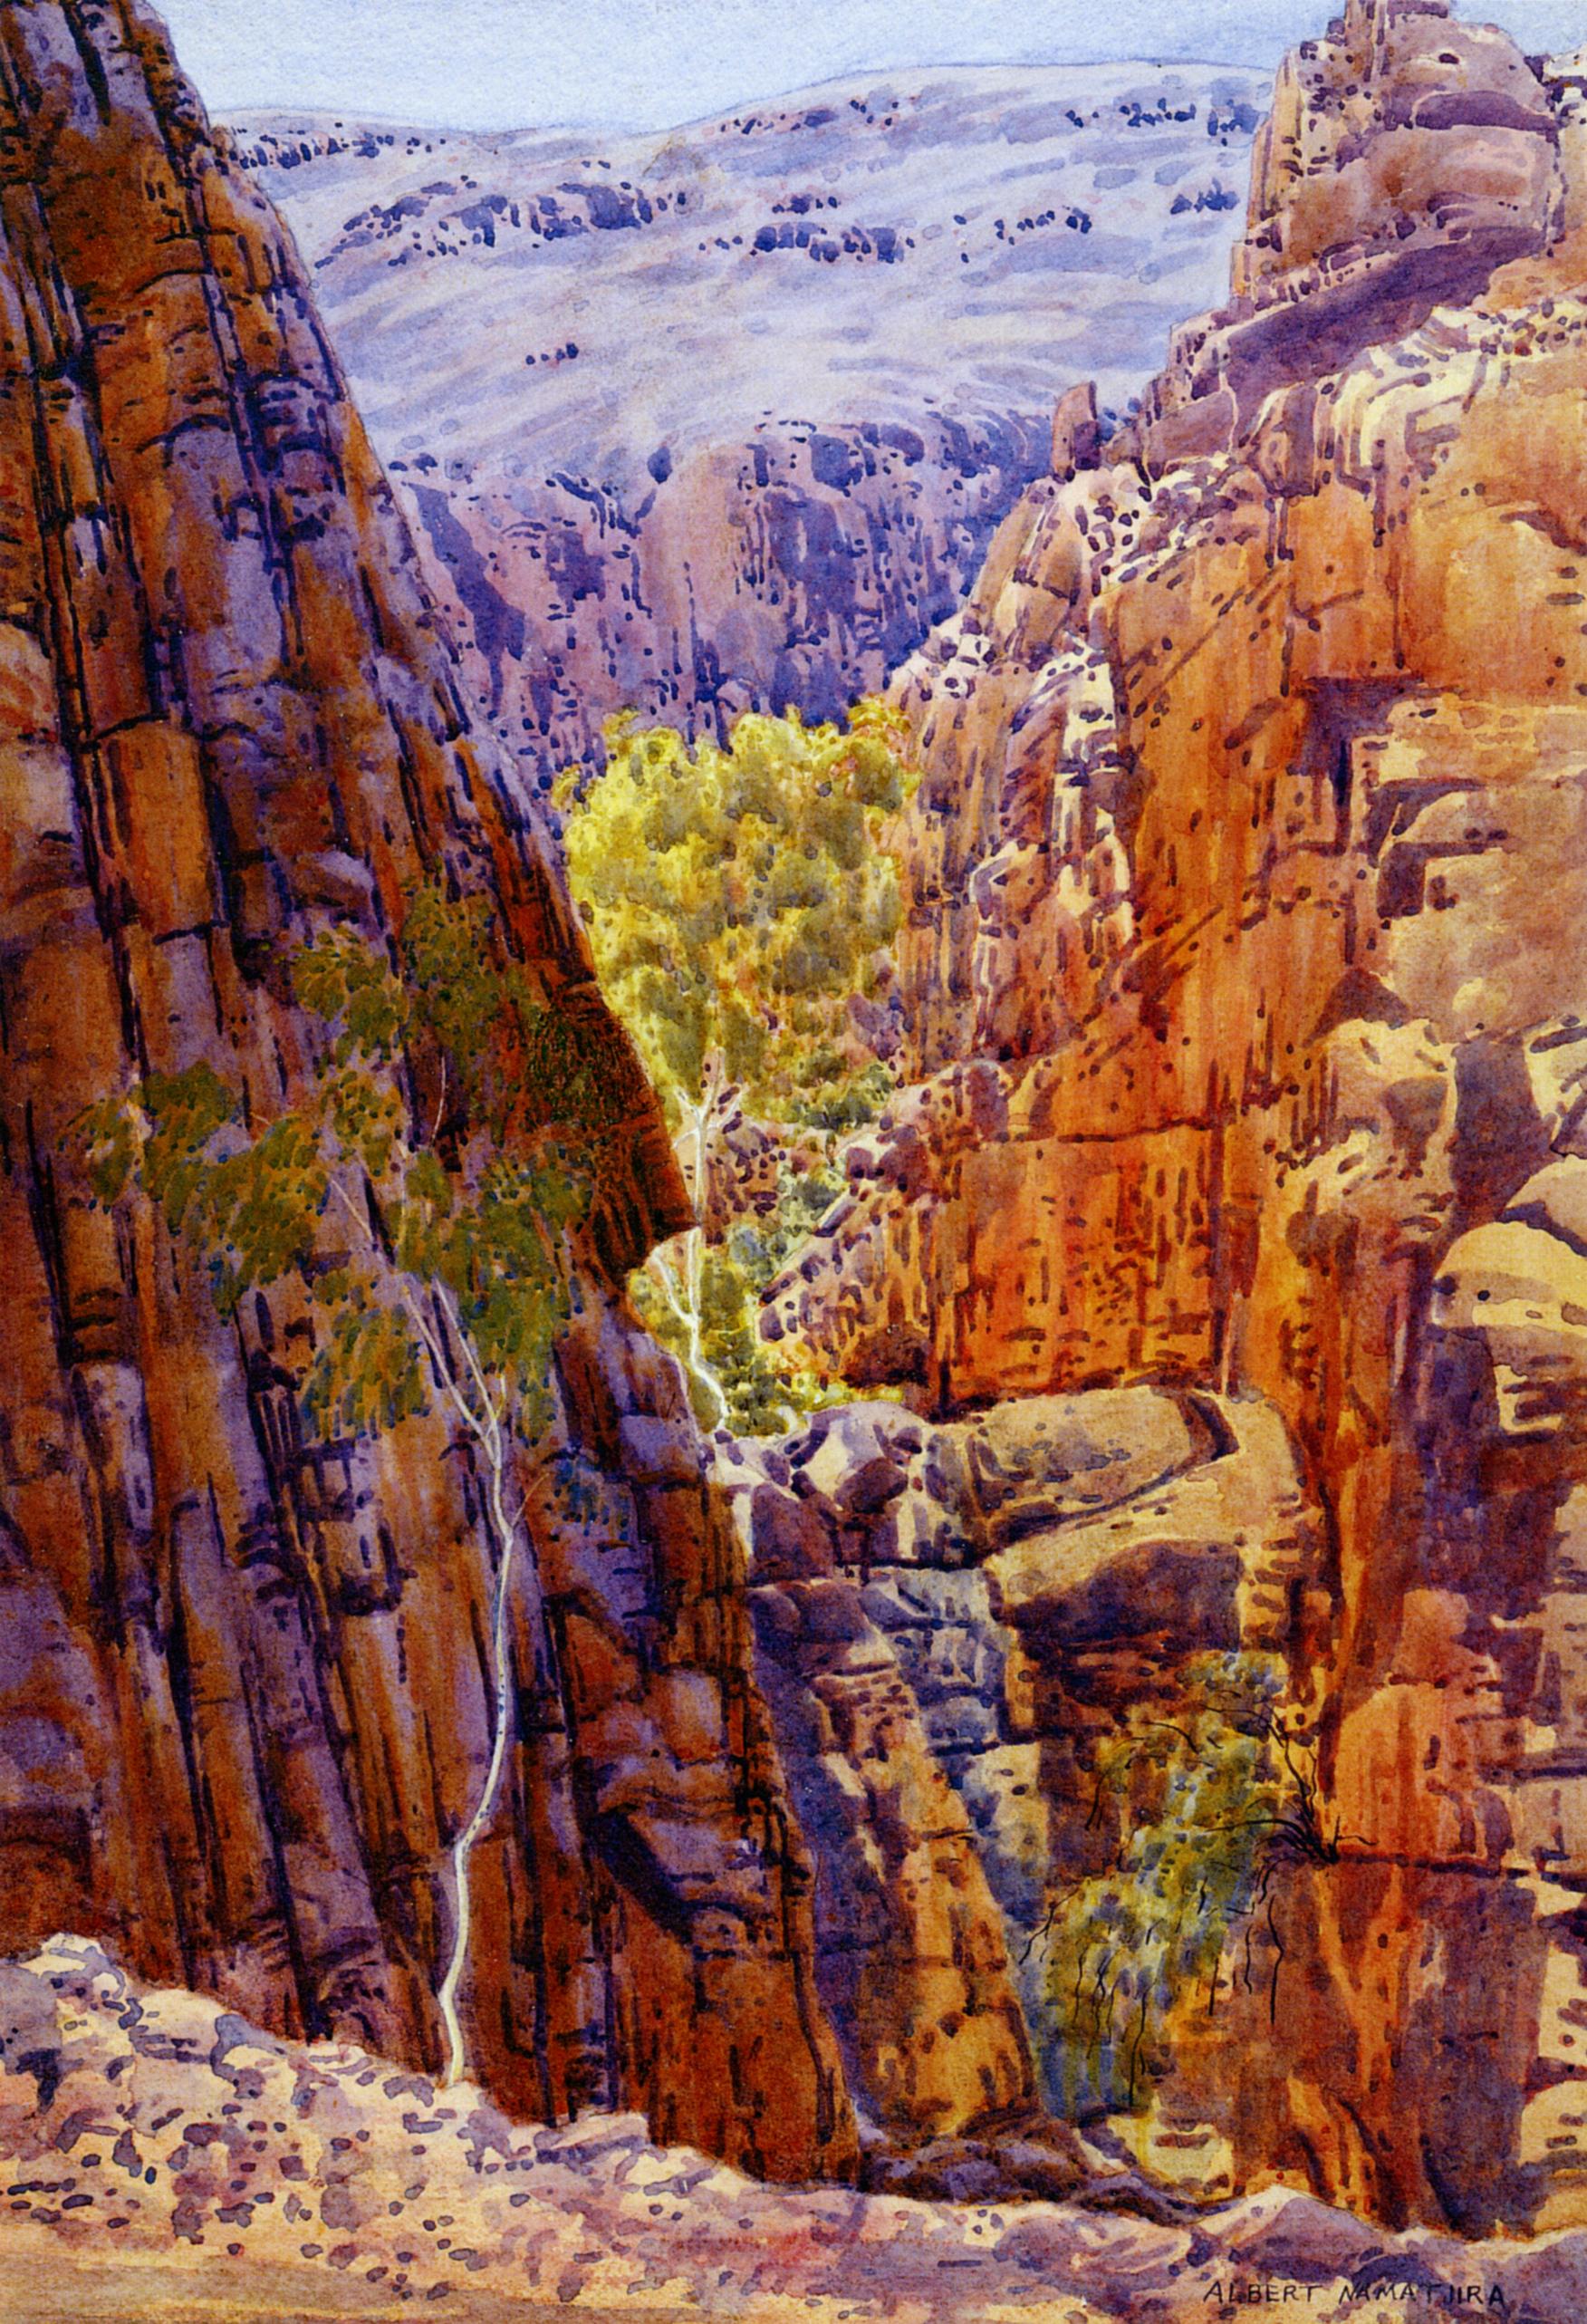 Albert namatjira s chasms julia ritson for Australian mural artists